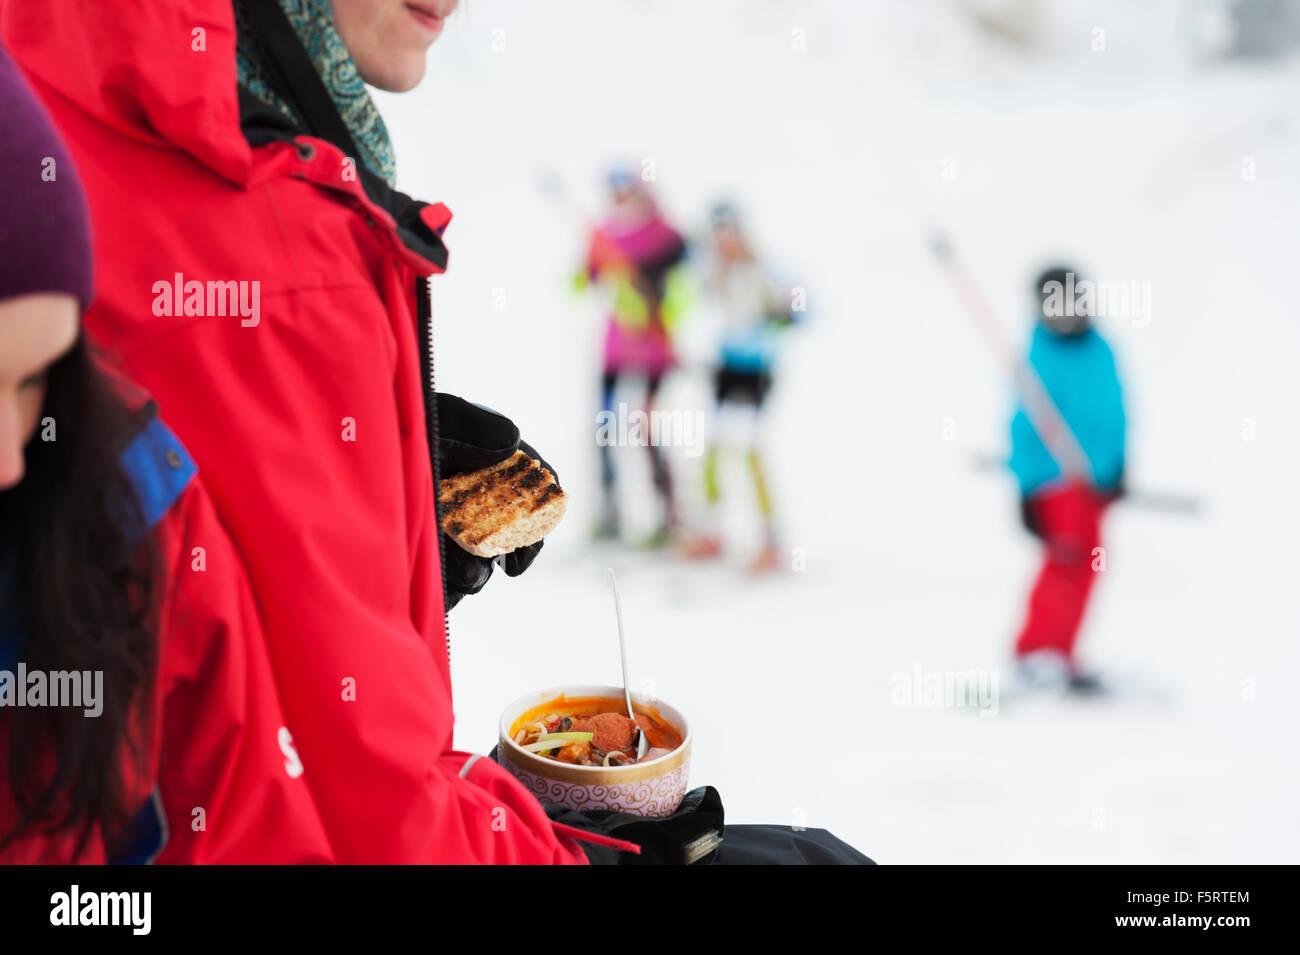 La Svezia, Stoccolma, Bjorkhagen, Hammarbybacken, Donna tenendo la coppa con pasto Immagini Stock